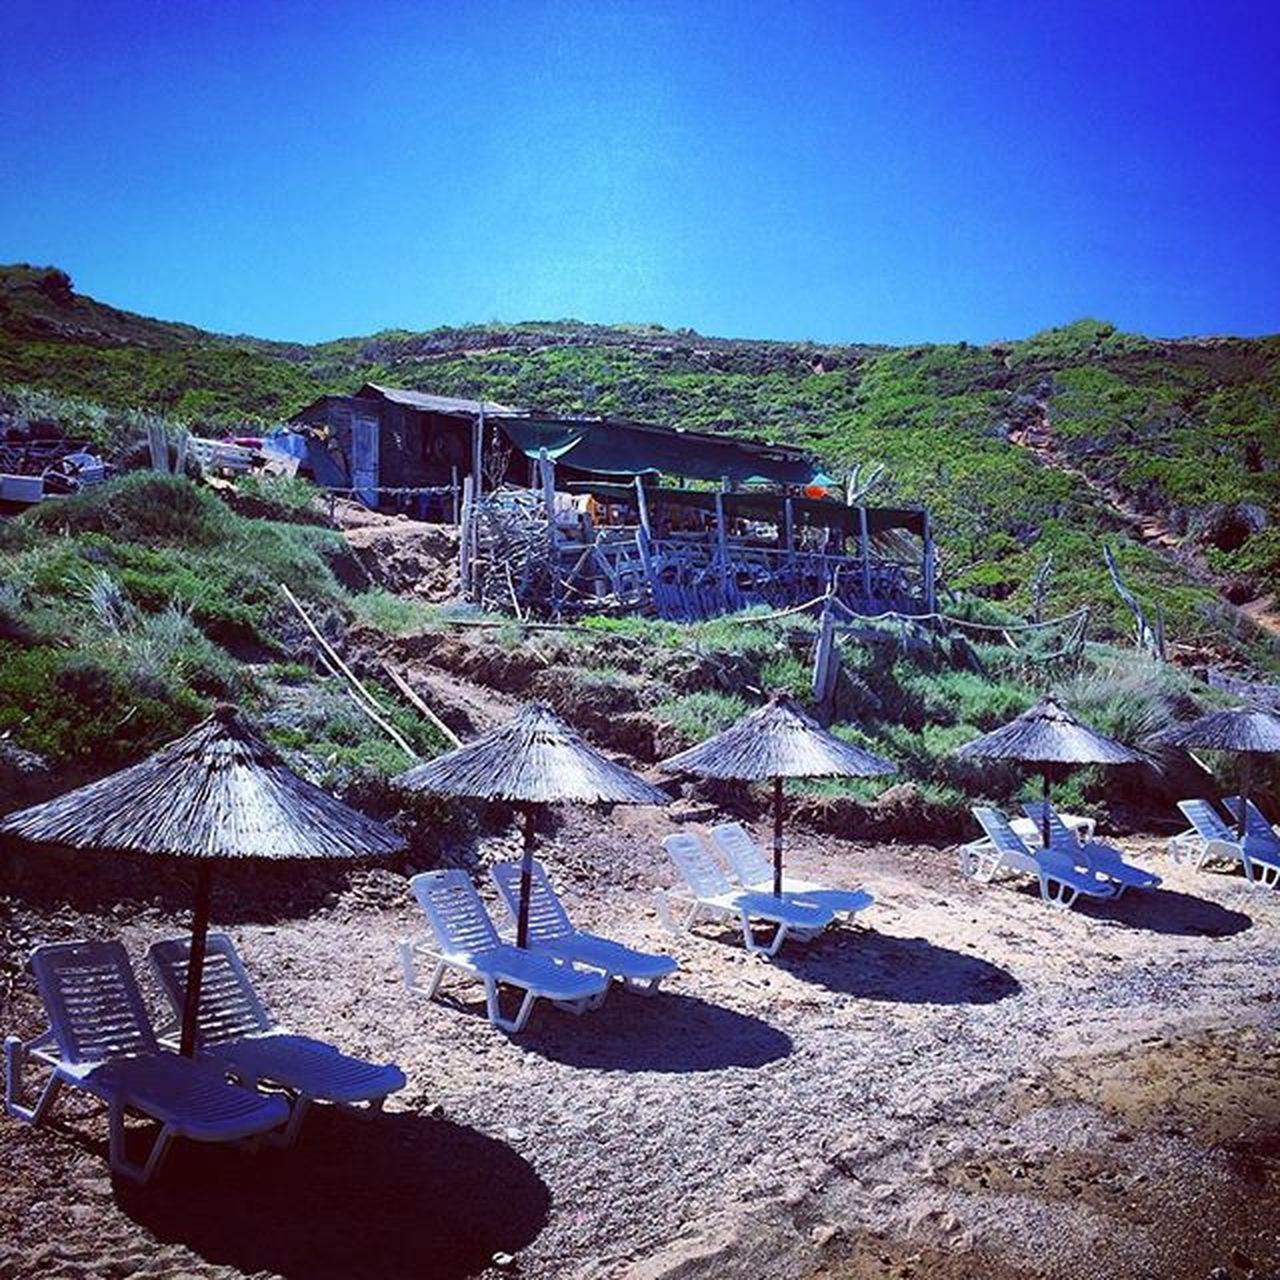 Relax Scooter Mare Spiaggia Marechiaro Vacanze Grecia Girovagando Sabbia Skiathos Scoglio Asciugamano Racchette